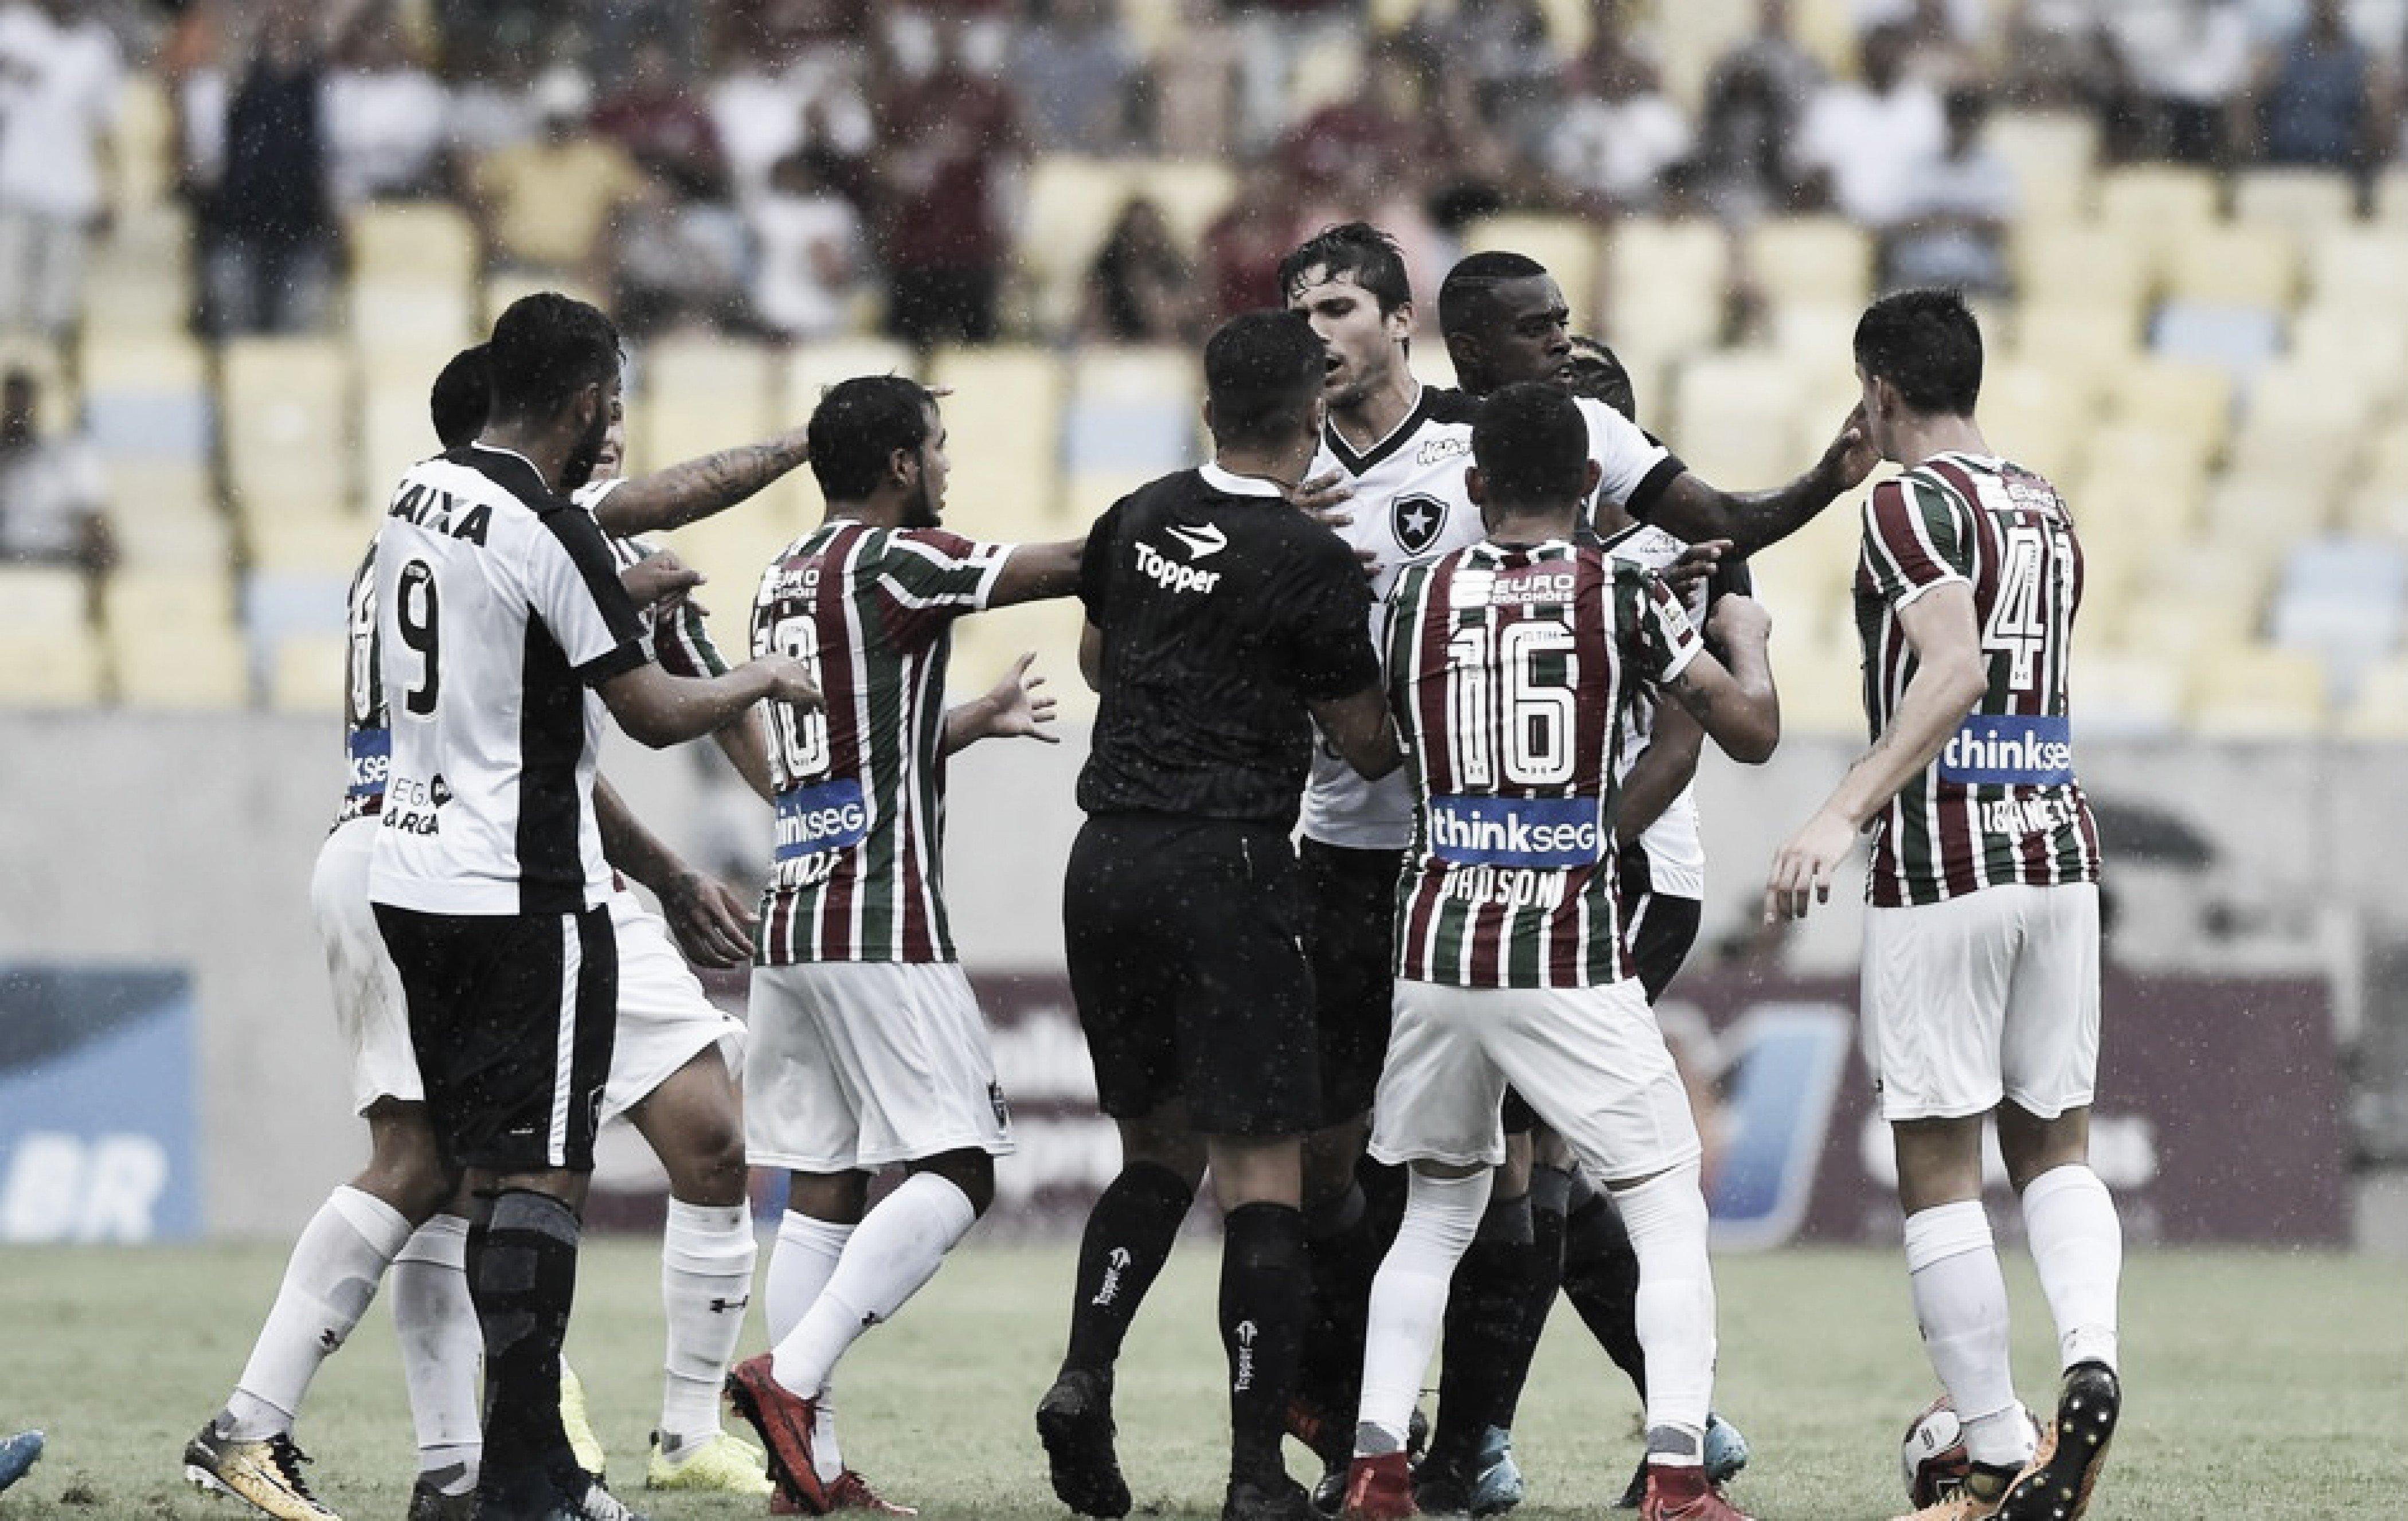 Ameaçados pelo Z-4, Fluminense e Botafogo fazem no Maracanã clássico por recuperação na tabela